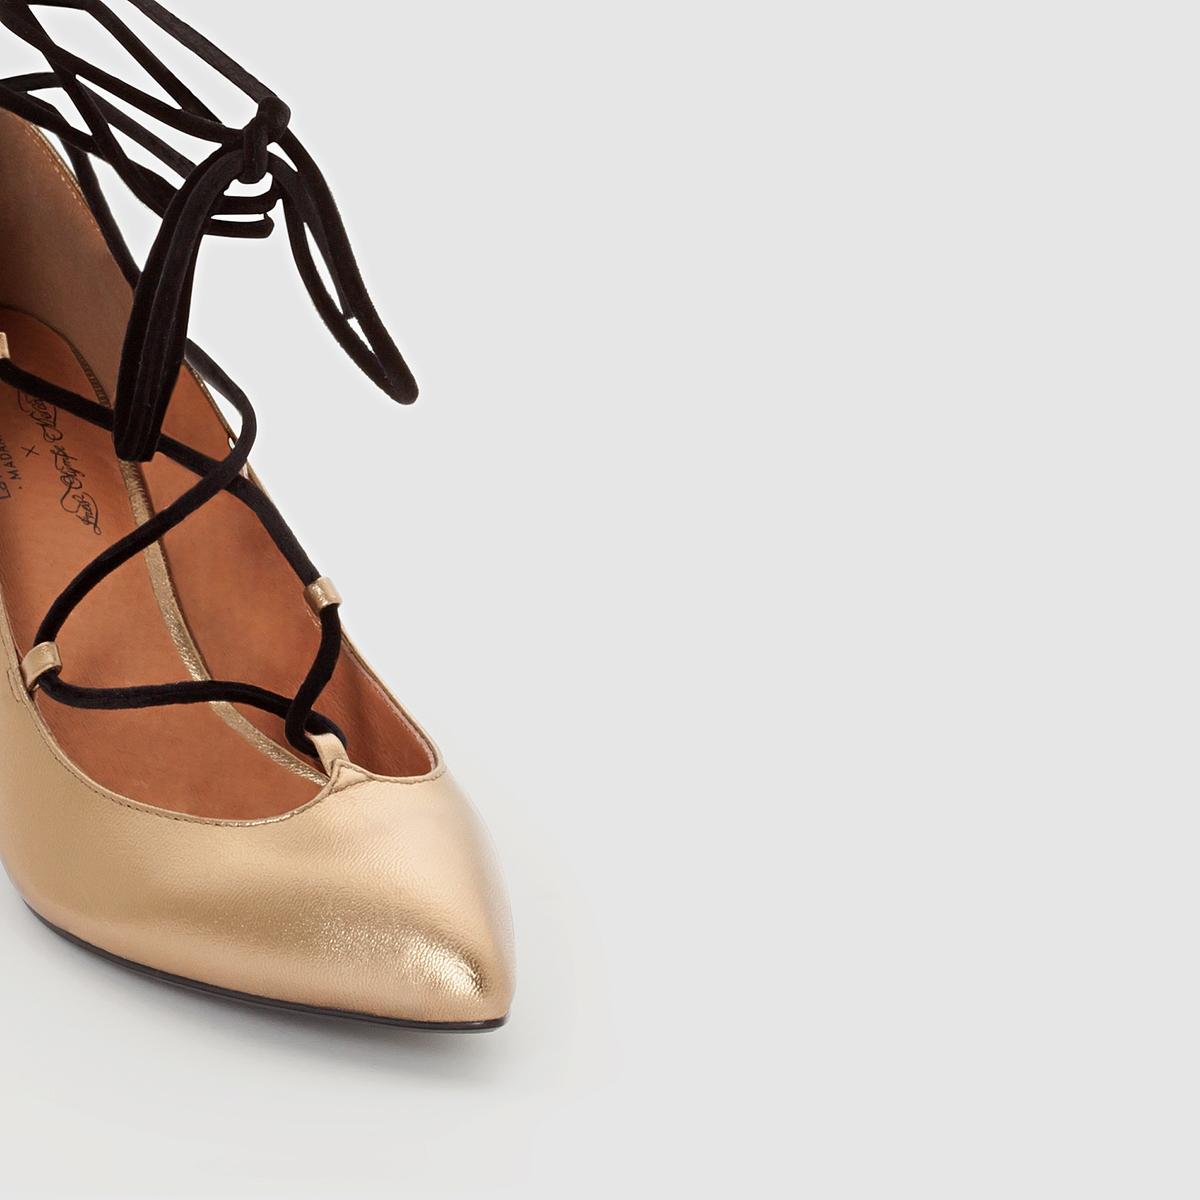 Туфли на шнуровкеВерх/ Голенище : кожа                     Подкладка : кожа                     Стелька : кожа                     Подошва : эластомер                     Высота каблука : 8 см                     Форма каблука : высокий каблук                     Мысок : заостренный мысок                     Застежка : шнуровка<br><br>Цвет: бронзовый<br>Размер: 36